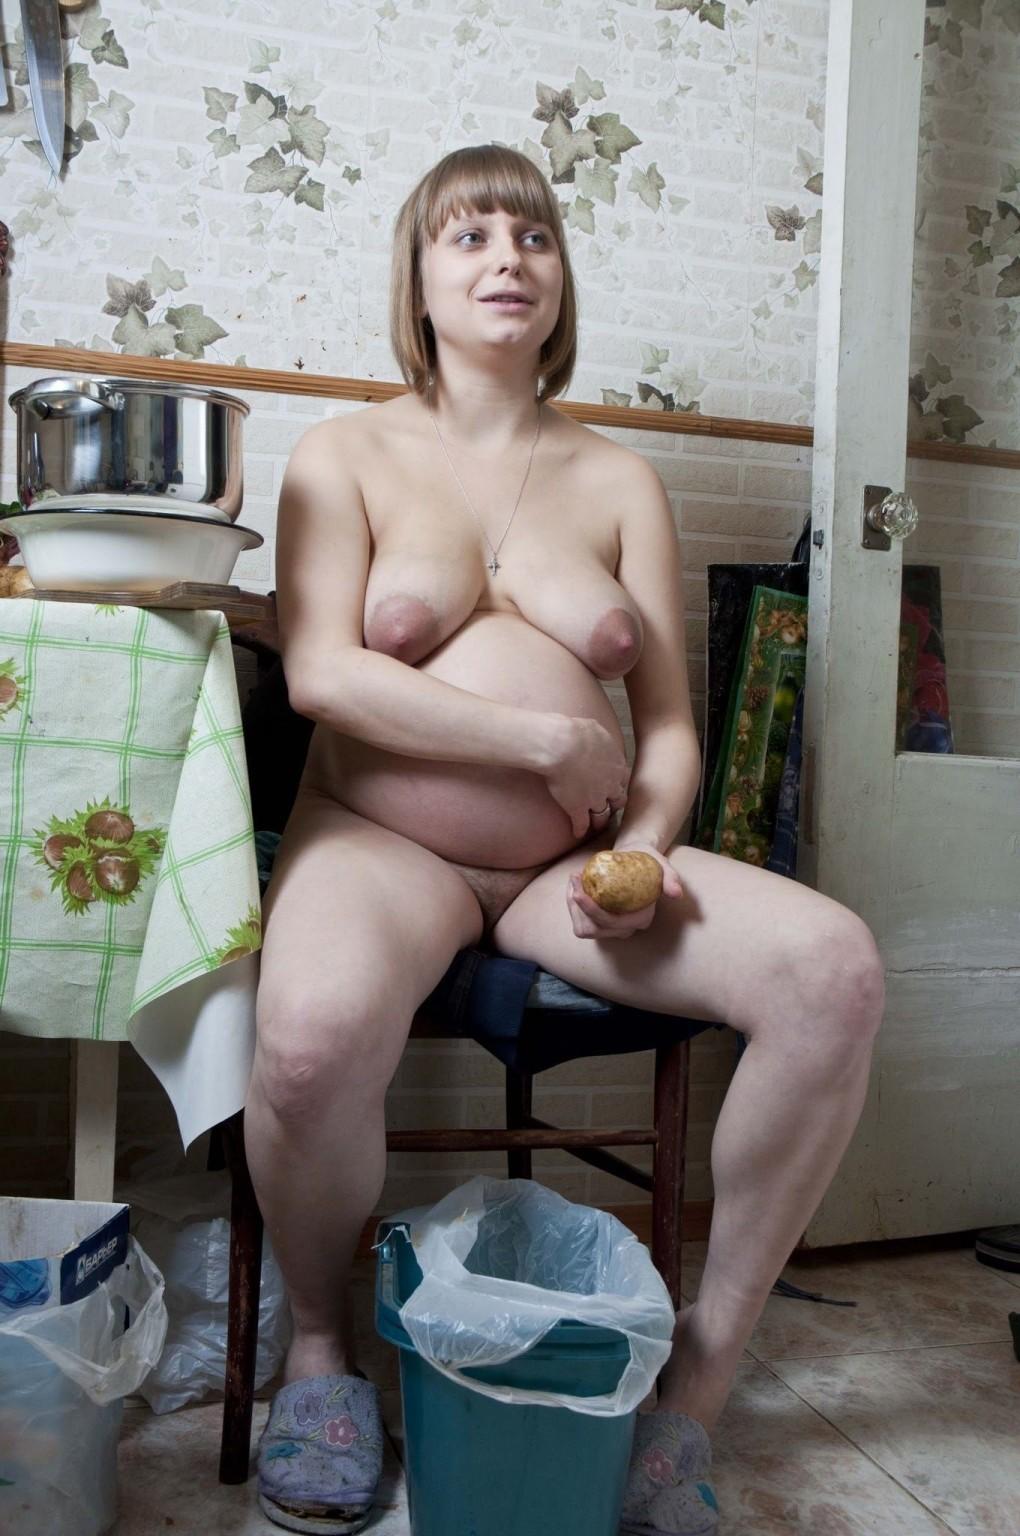 Беременные телочки готовы на всё, лишь бы почувствовать себя сексуальными – они всем показывают свои тела